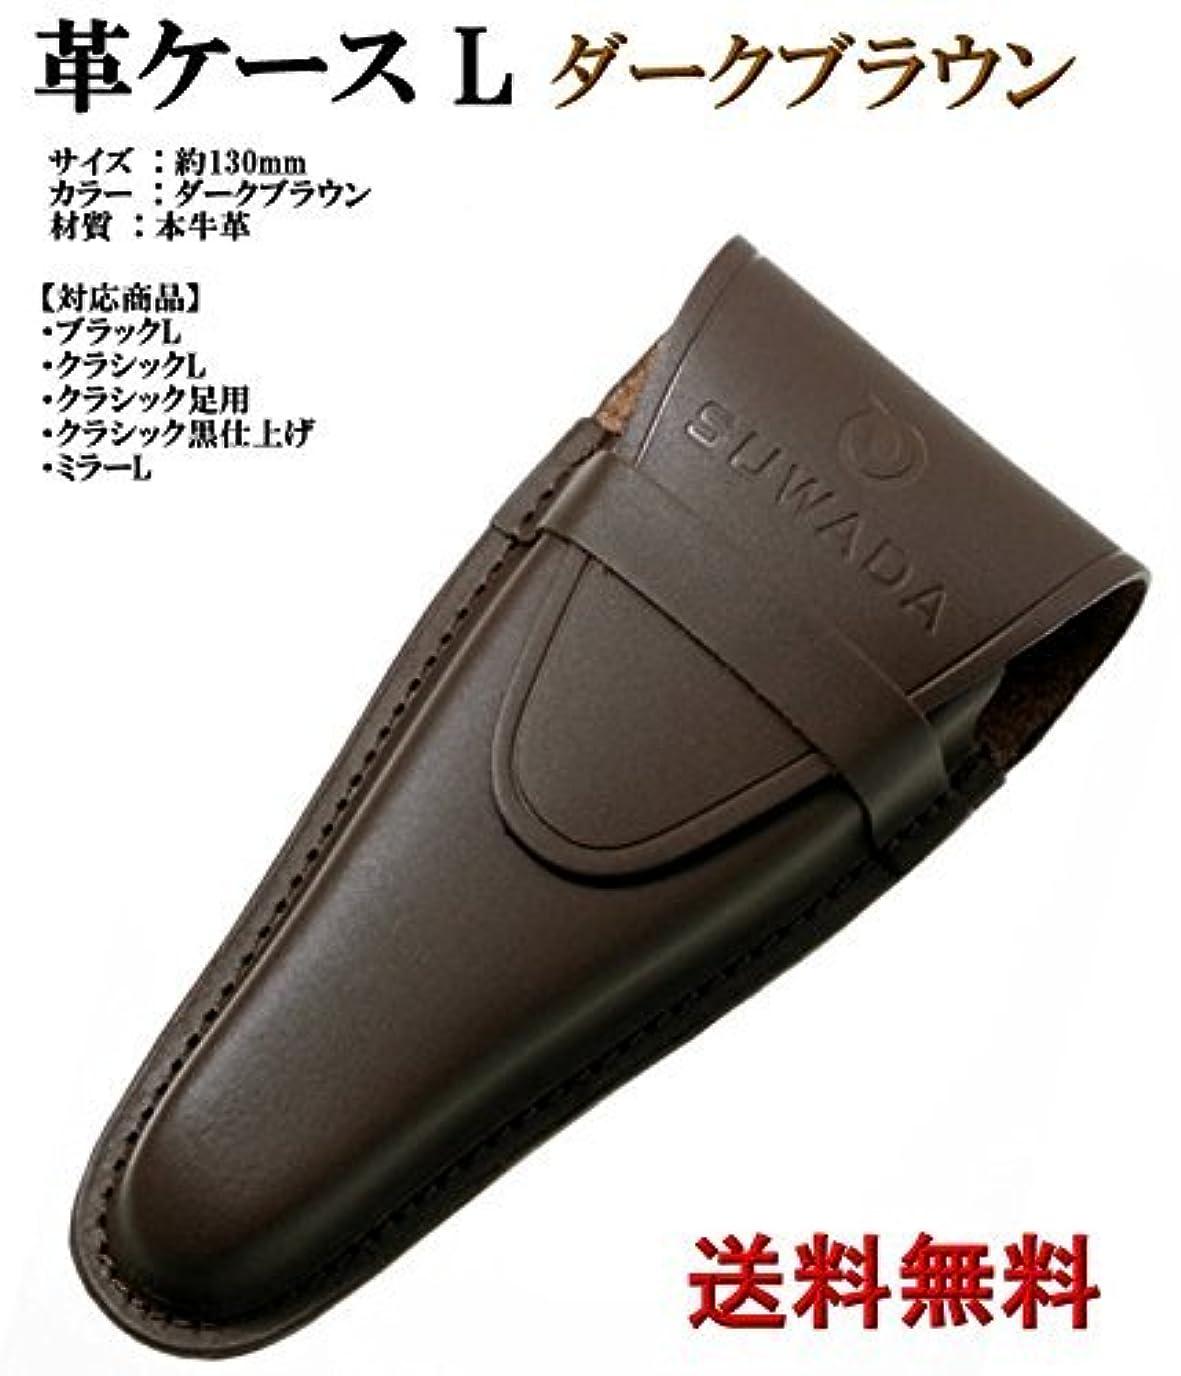 評価銀河ドラマSUWADA 爪きり用本革ケースL